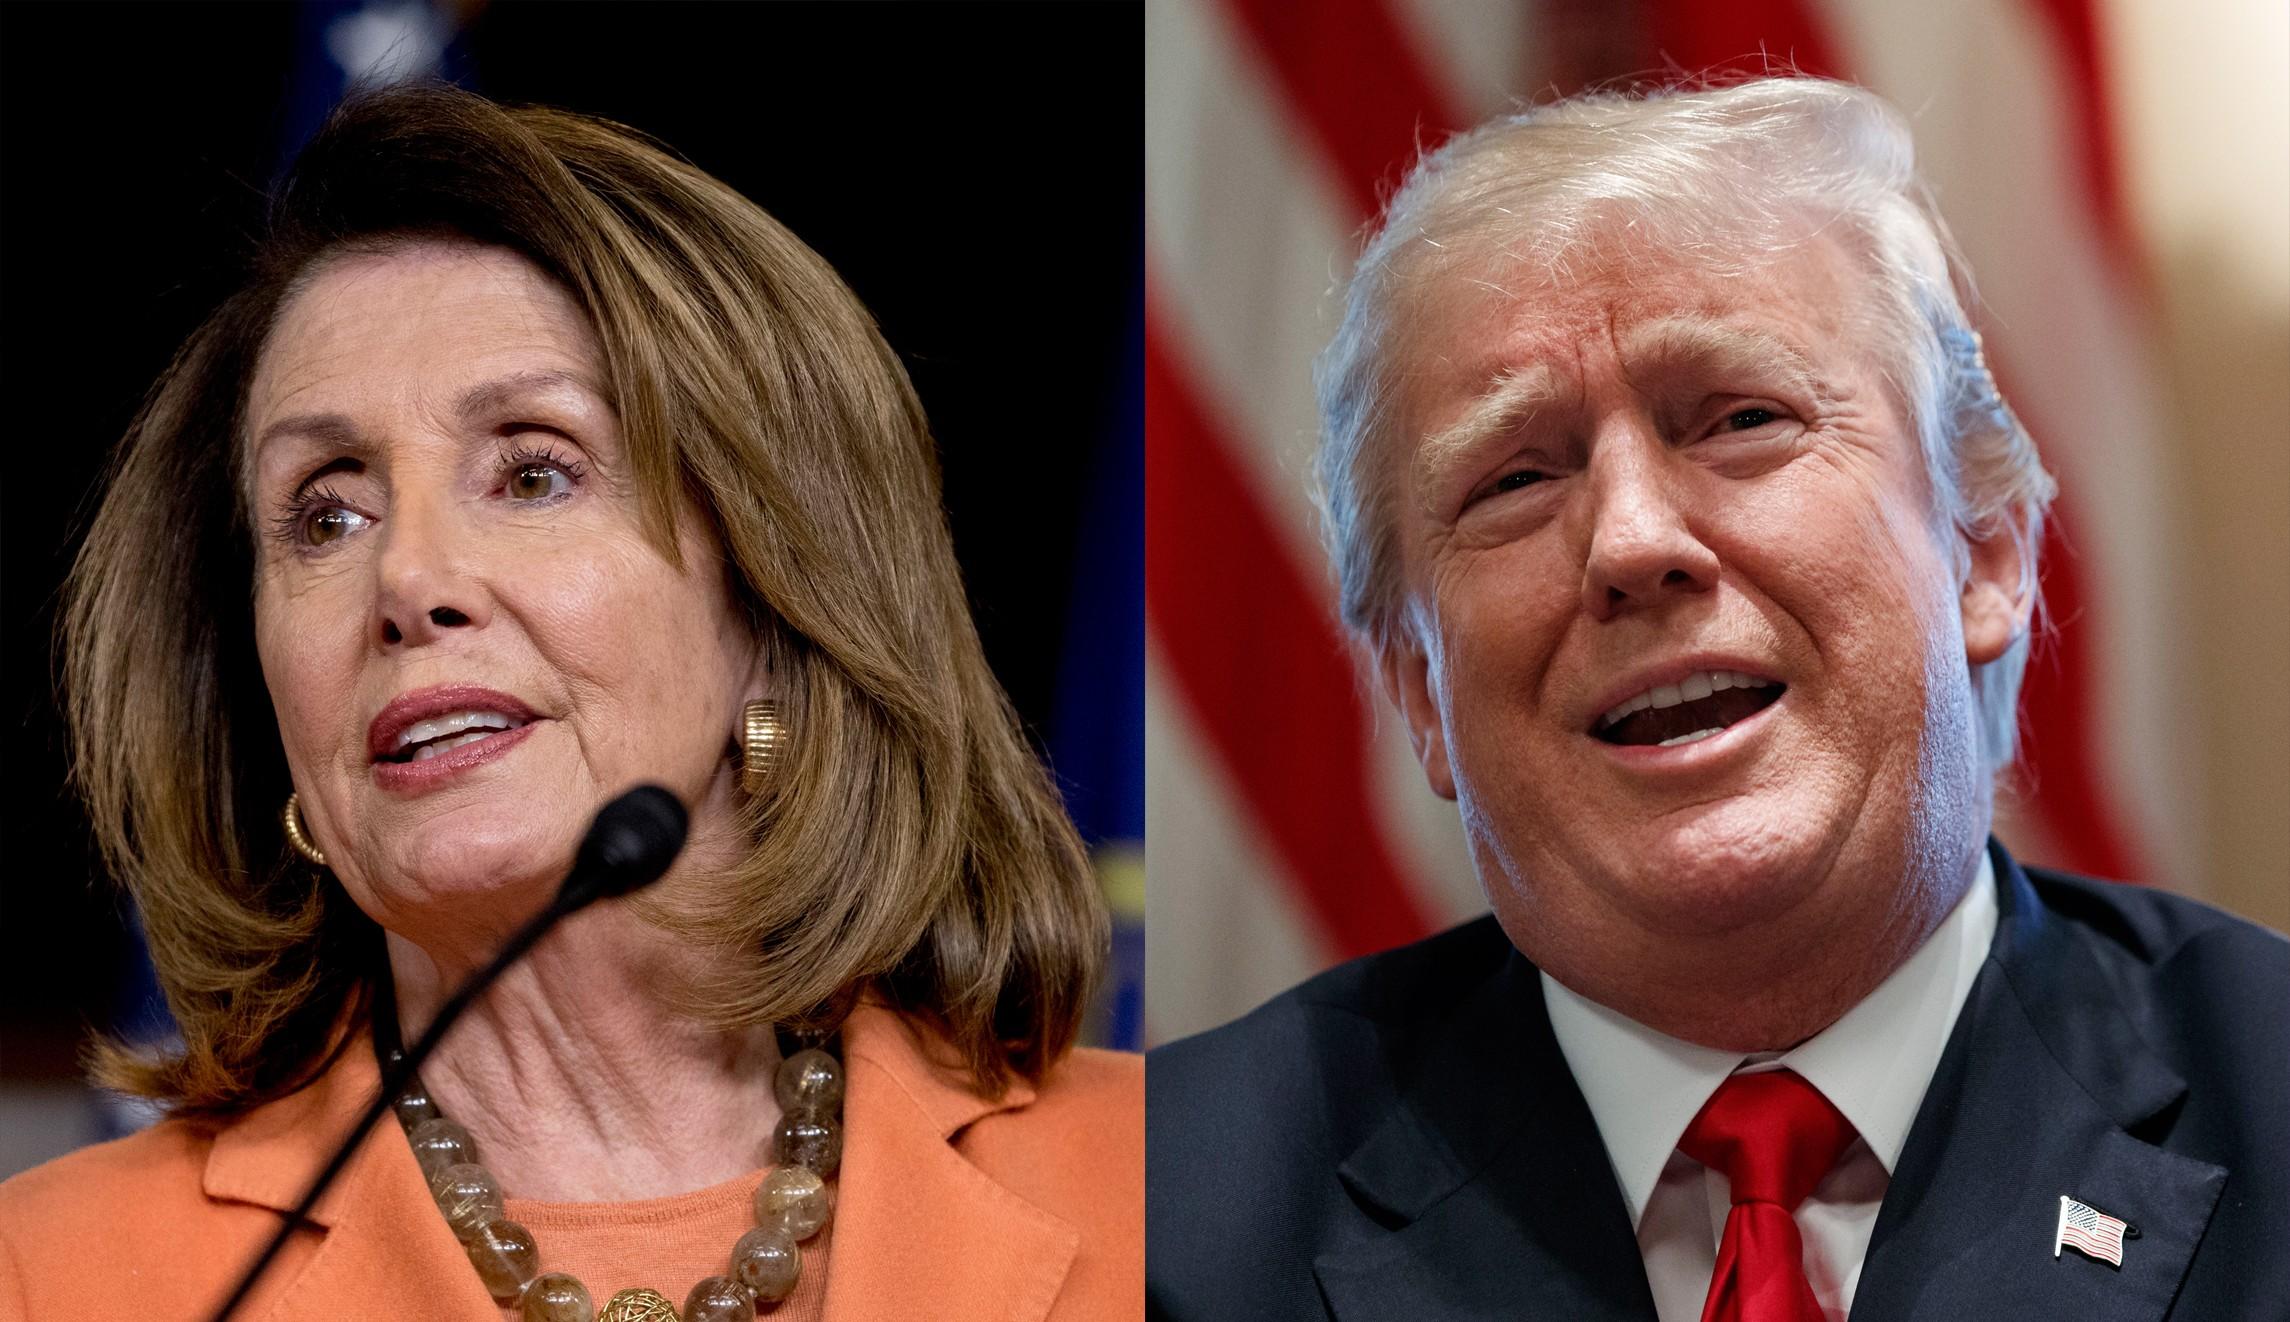 النواب الأمريكي: عزل ترامب يستحق خسارة الأغلبية الديمقراطية في كونجرس 2020